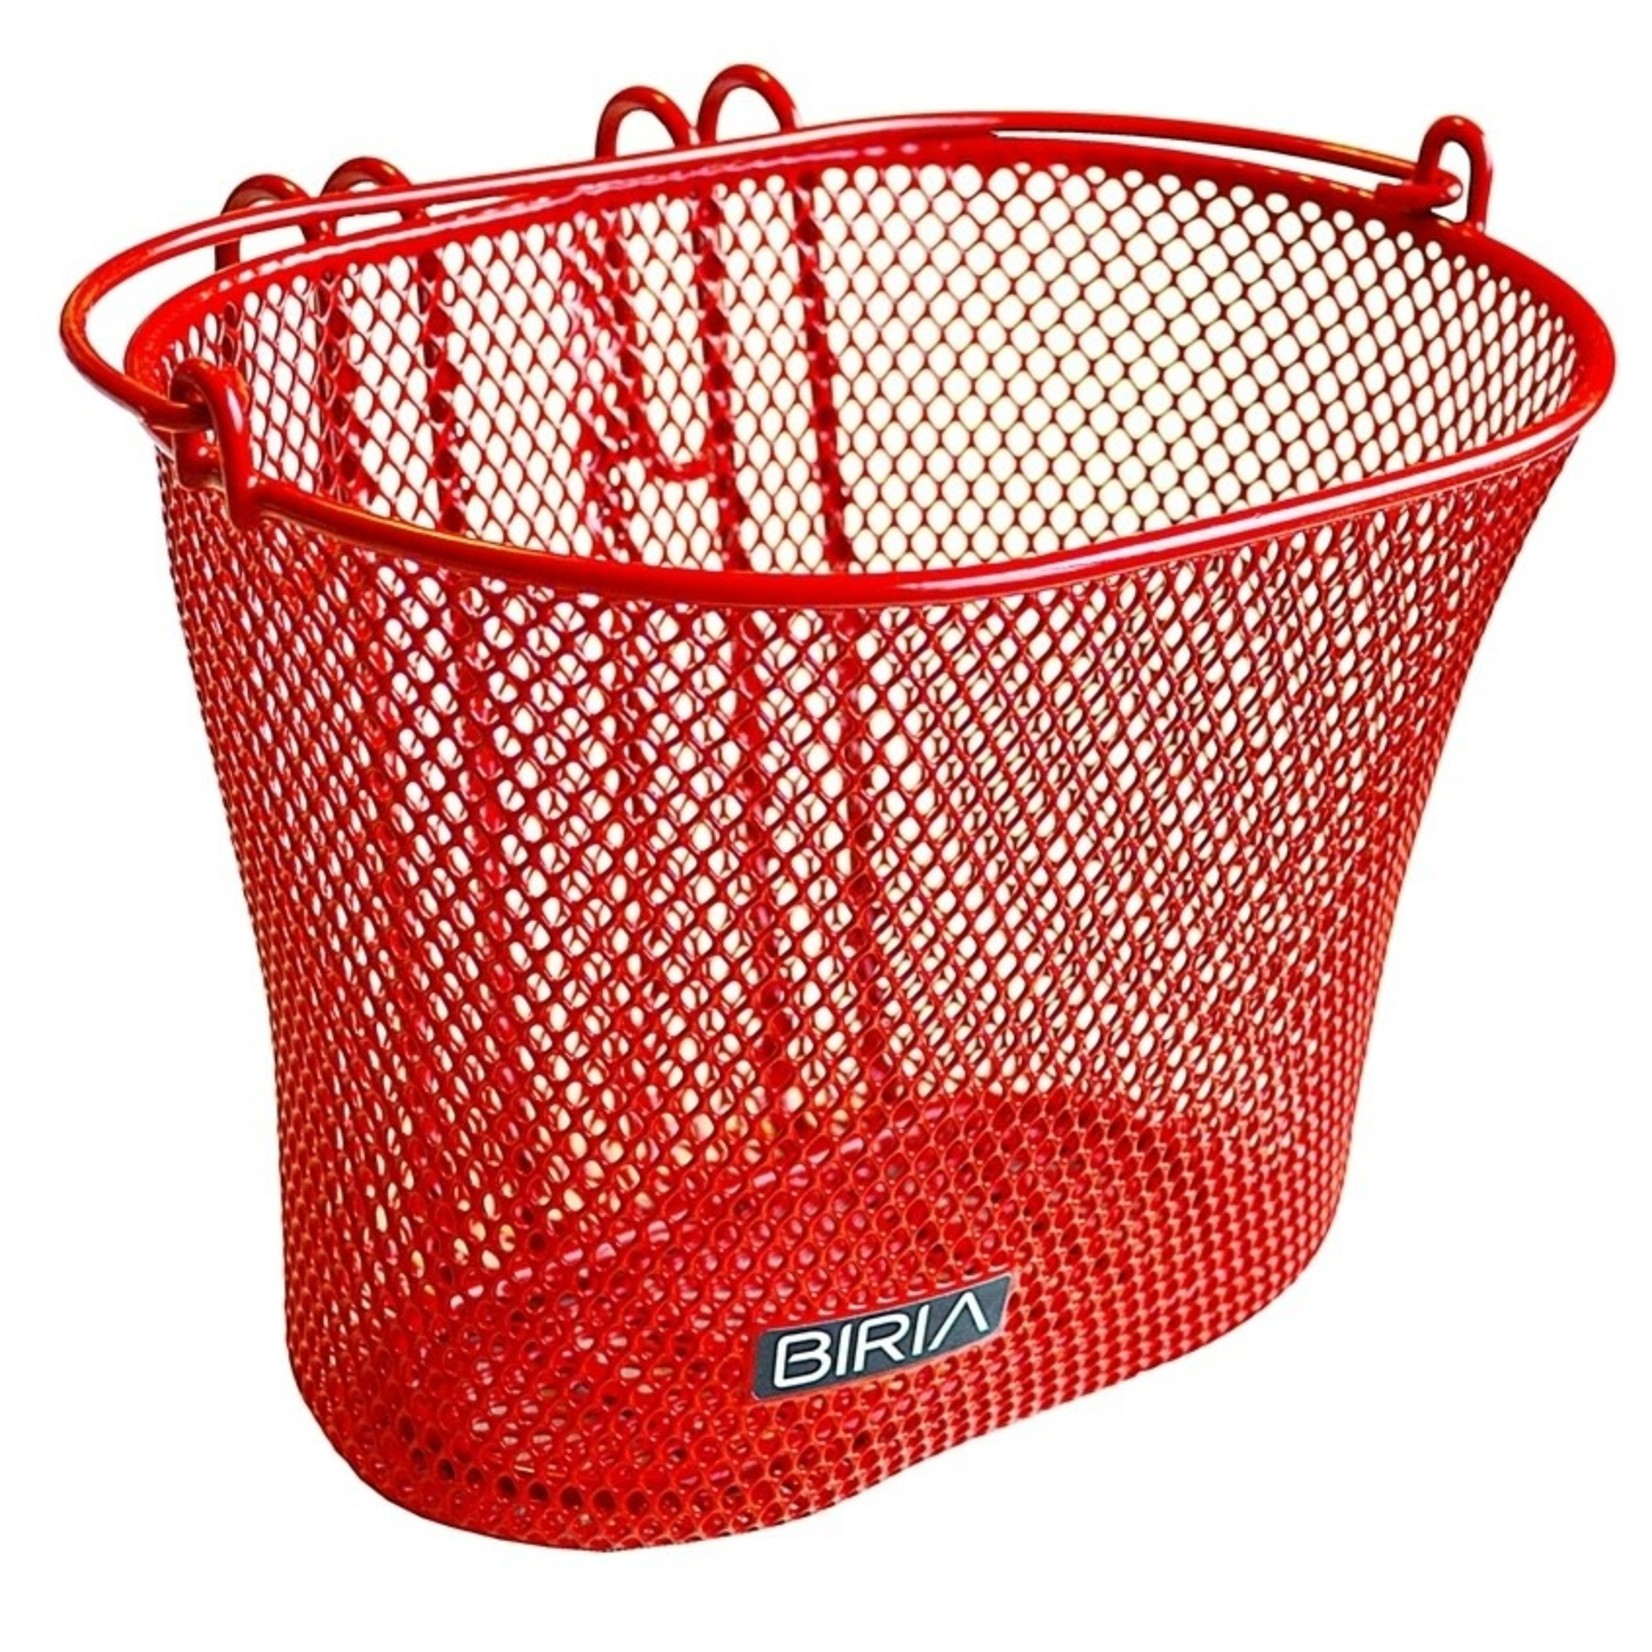 Biria Biria Children's Basket